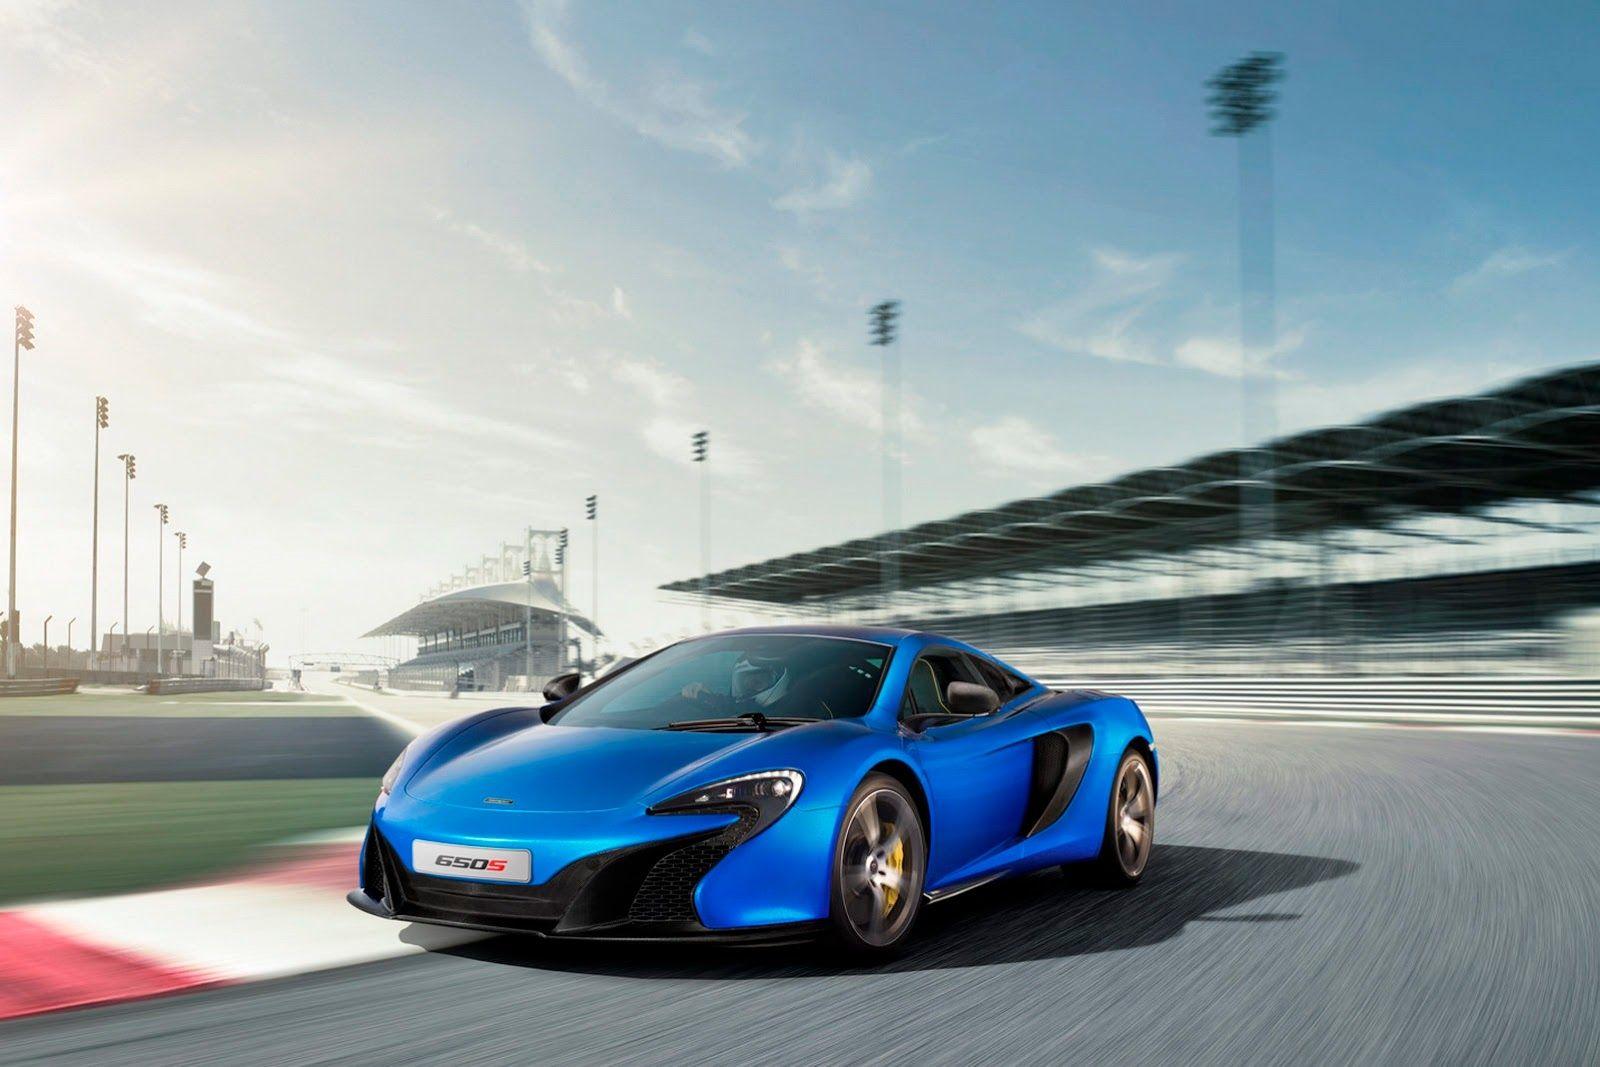 I vista del Salone di #Ginevra sono state pubblicate ufficialmente le foto ufficiali della #McLaren #650S.